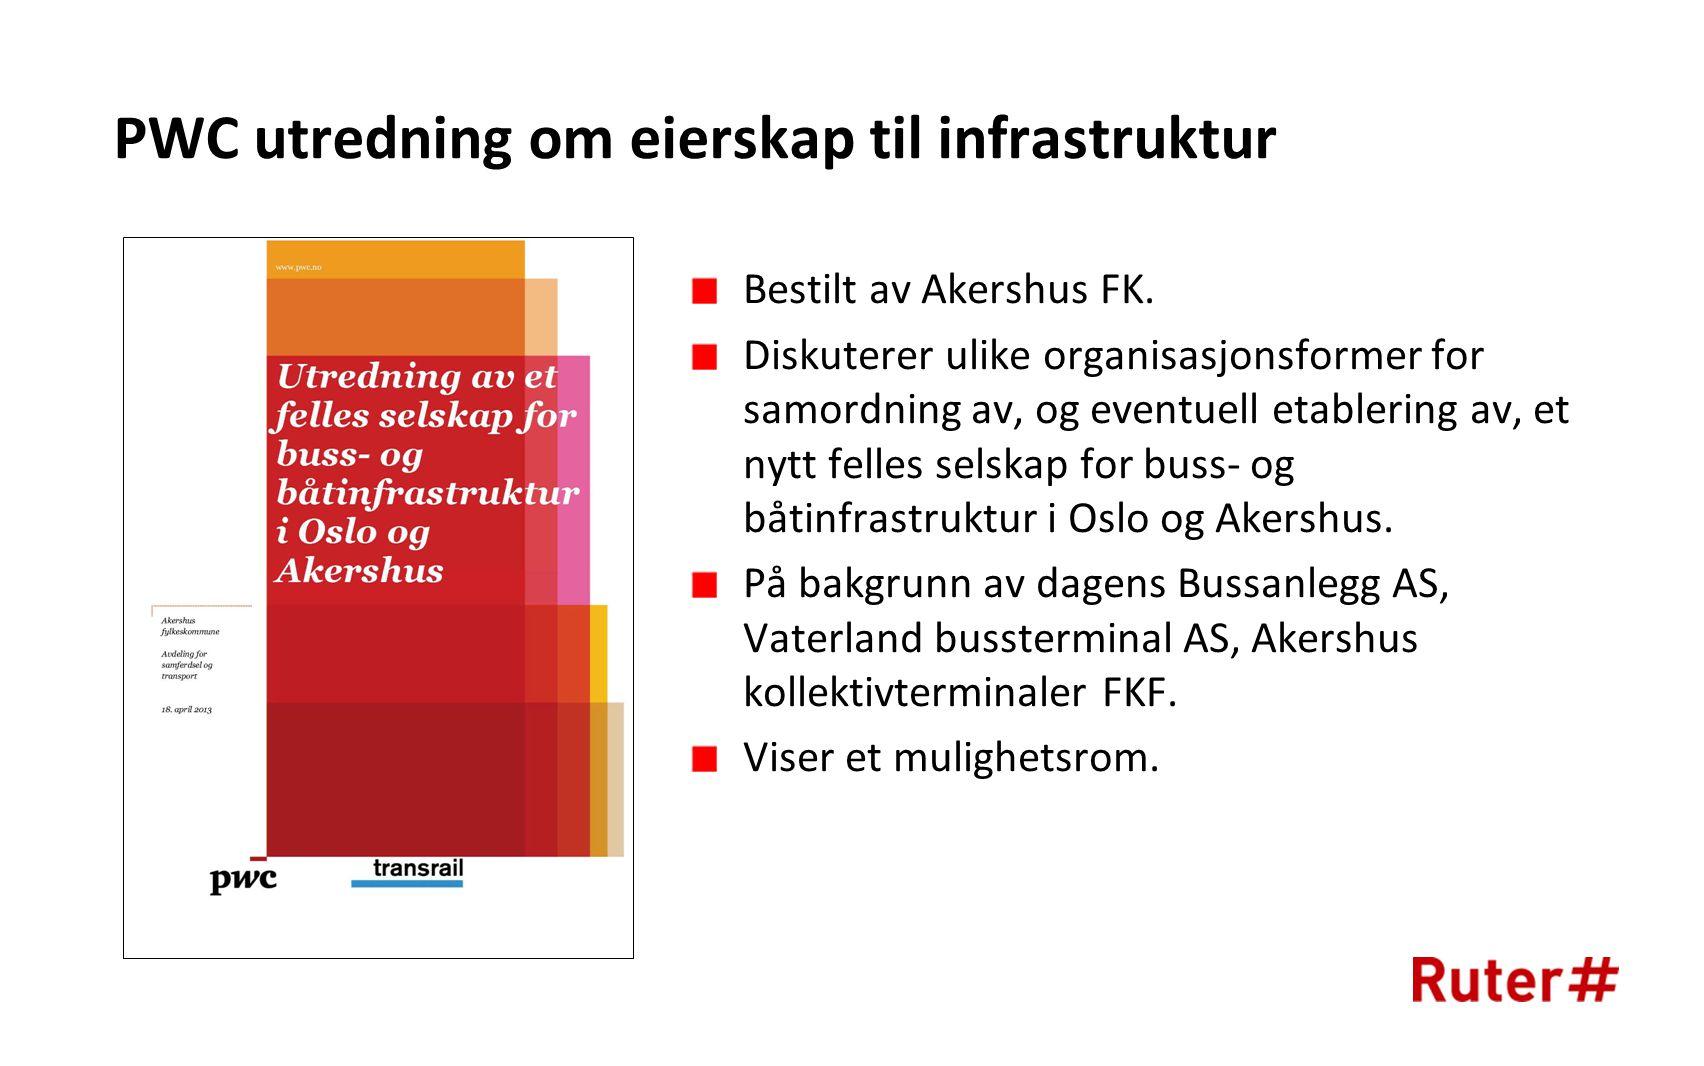 PWC utredning om eierskap til infrastruktur